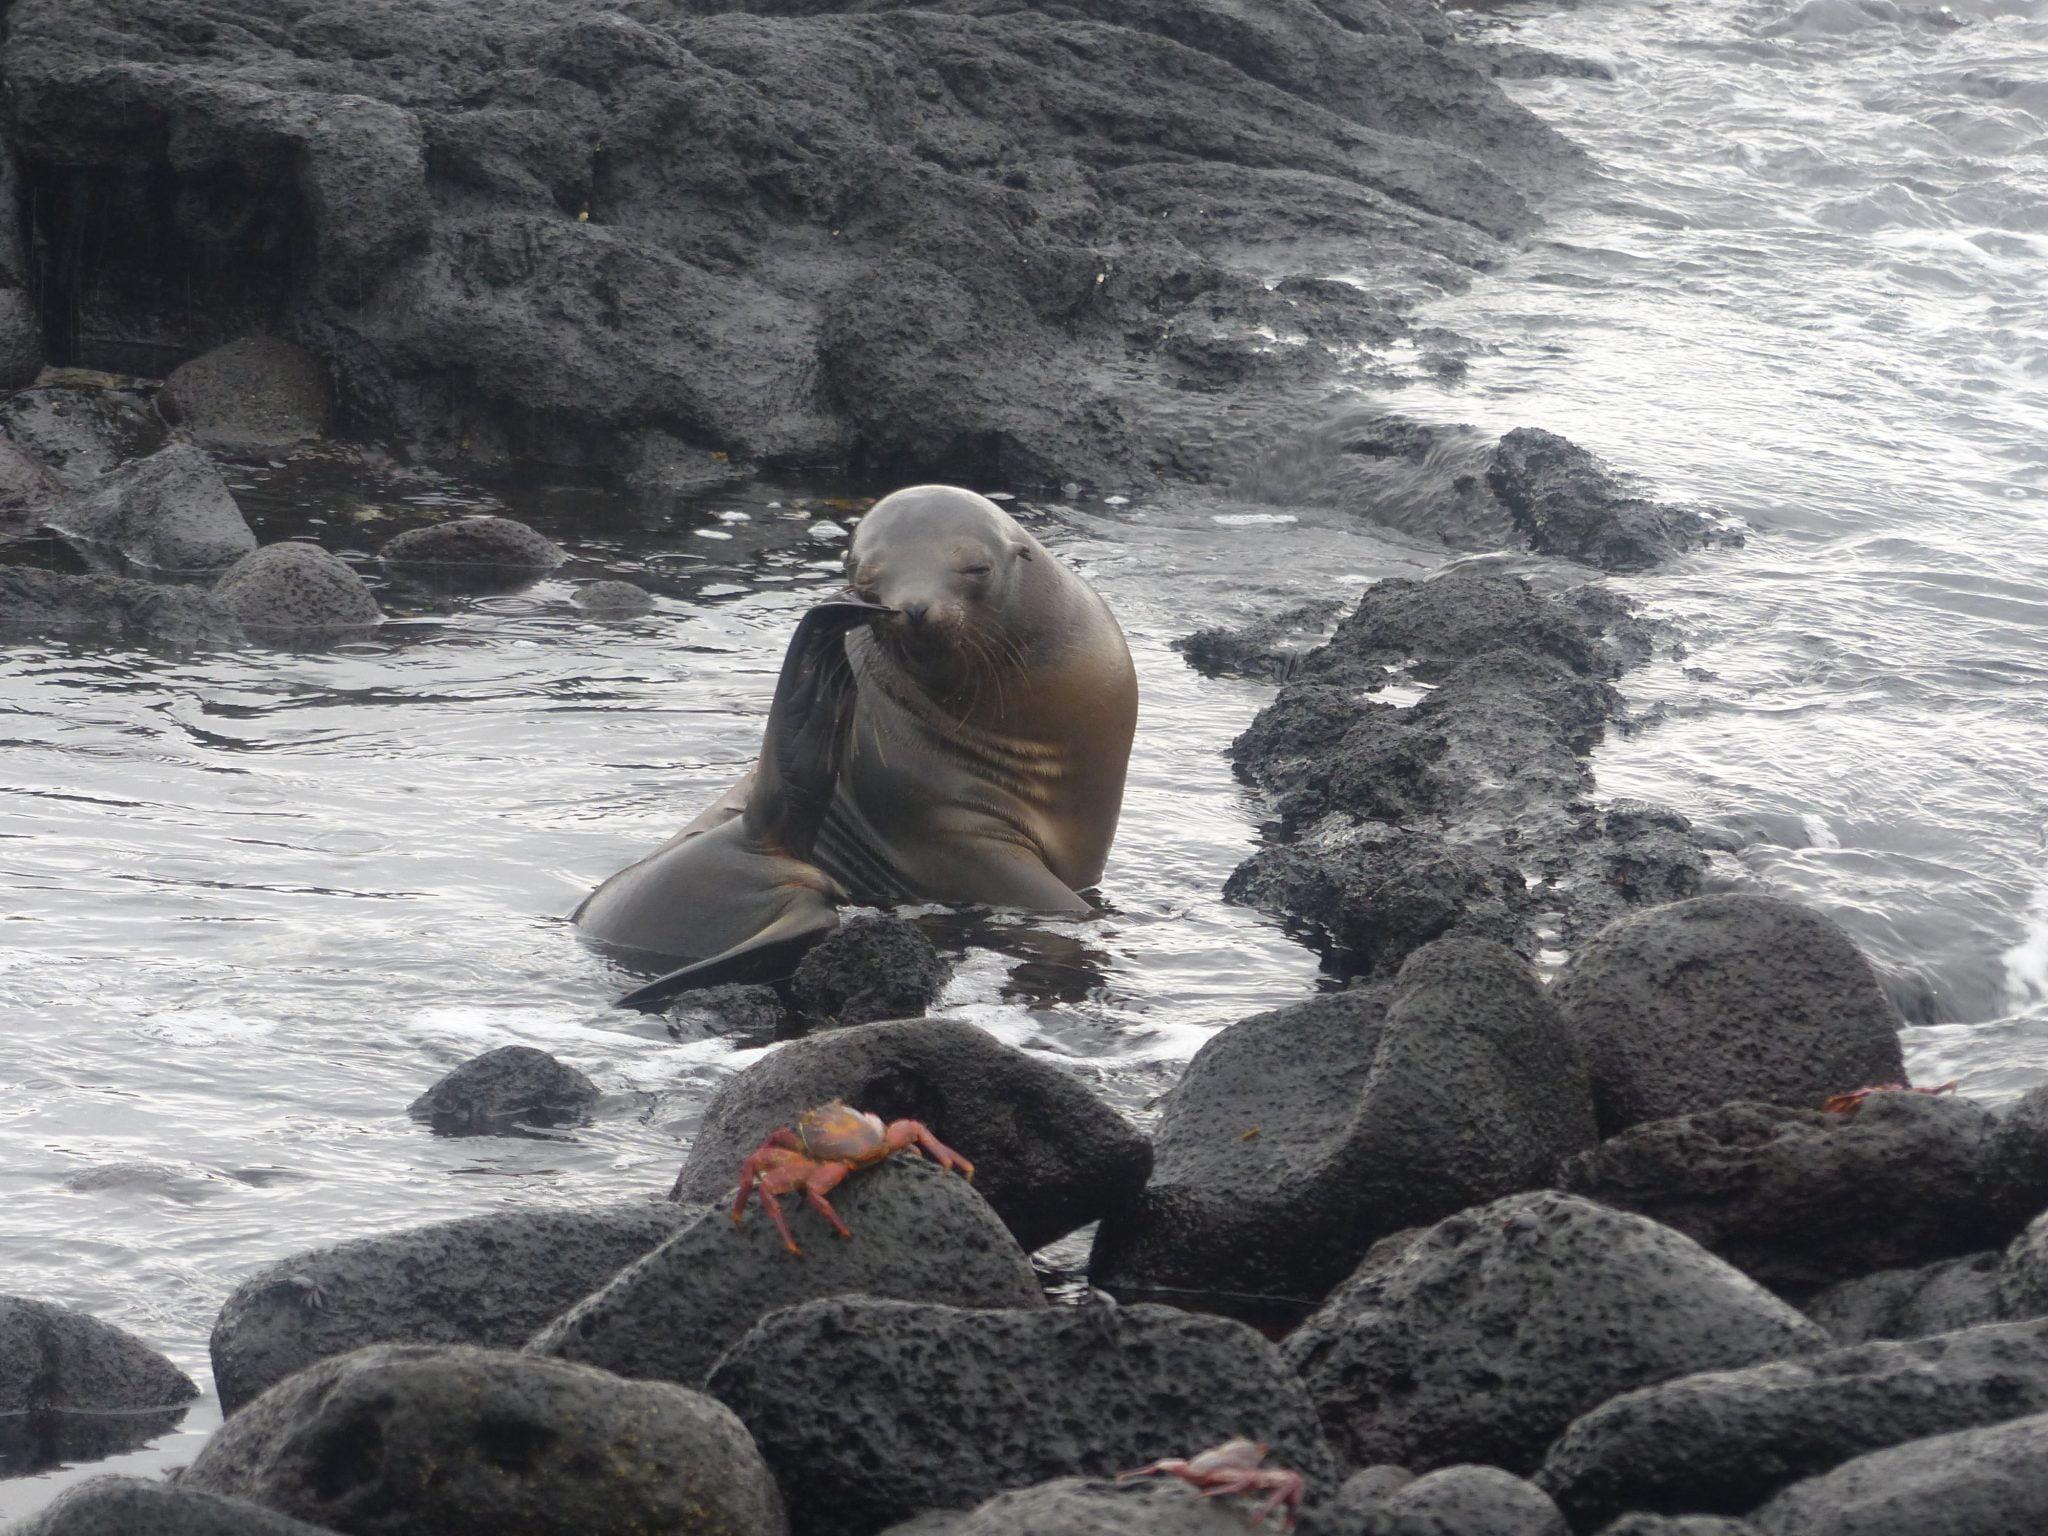 Sea Lion & Sally Lightfoot Crab, Punta Espinoza, Galápagos, Ecuador